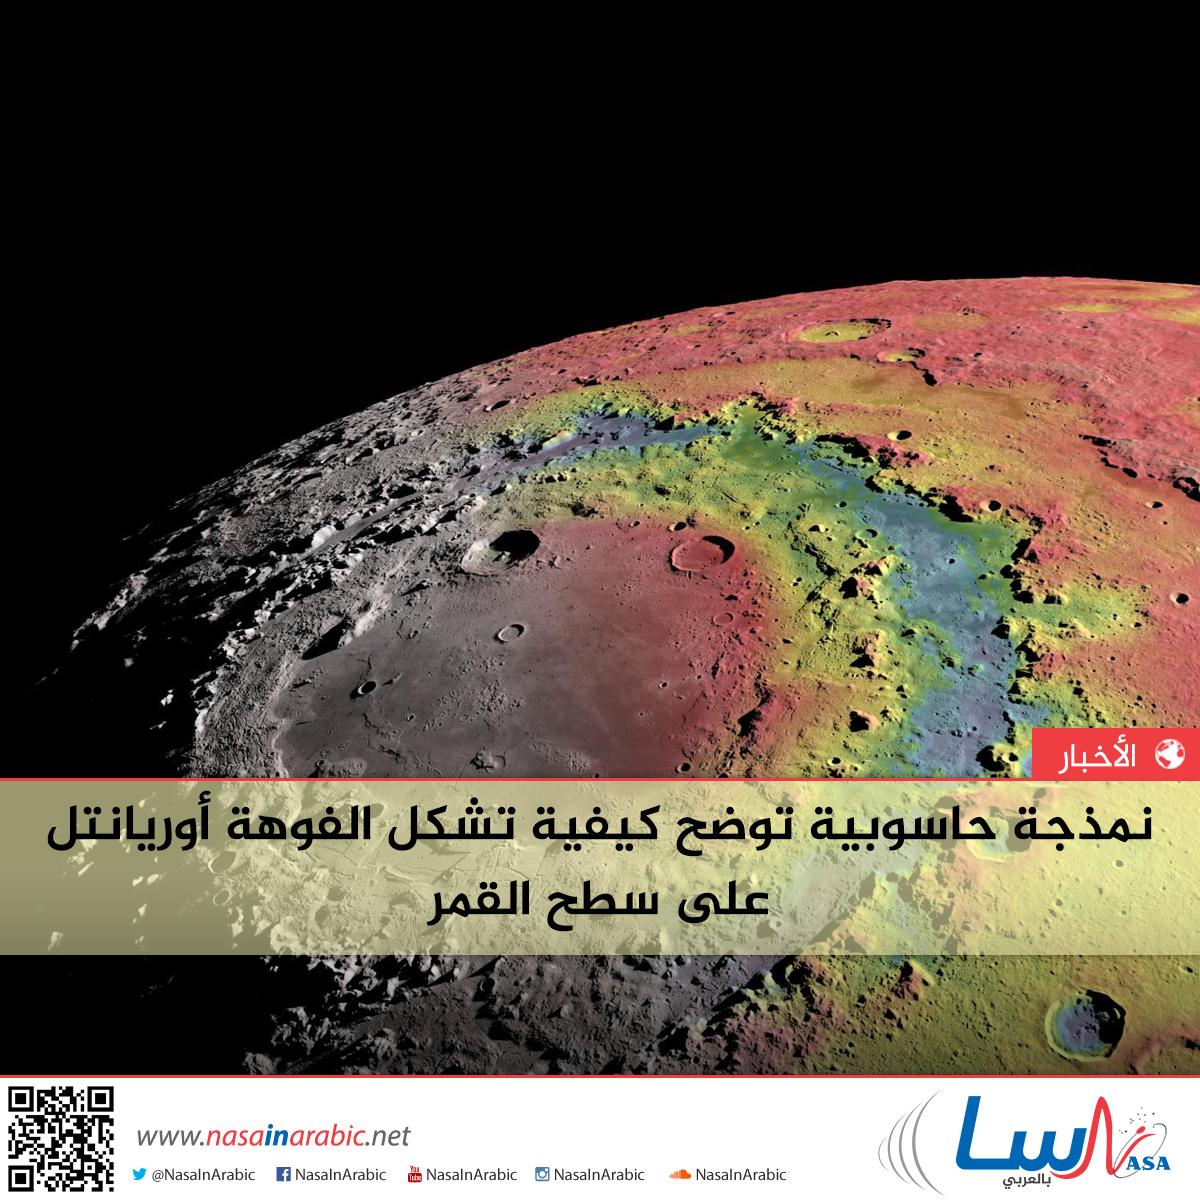 نمذجة حاسوبية توضح كيفية تشكل الفوهة أوريانتل على سطح القمر